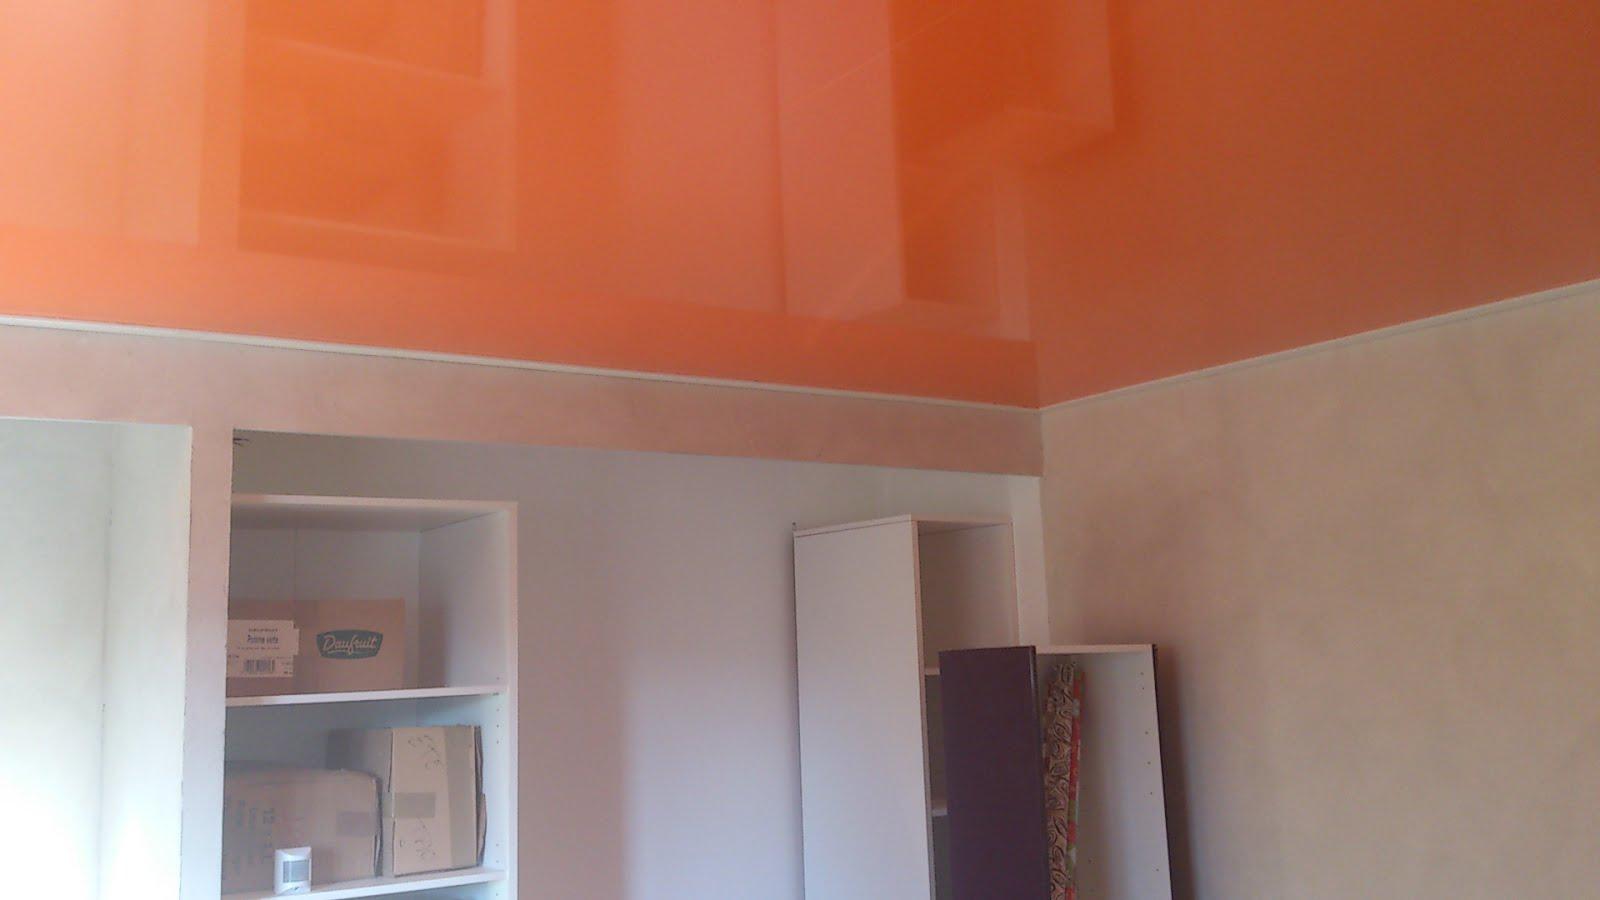 where i find stretch ceiling in miami